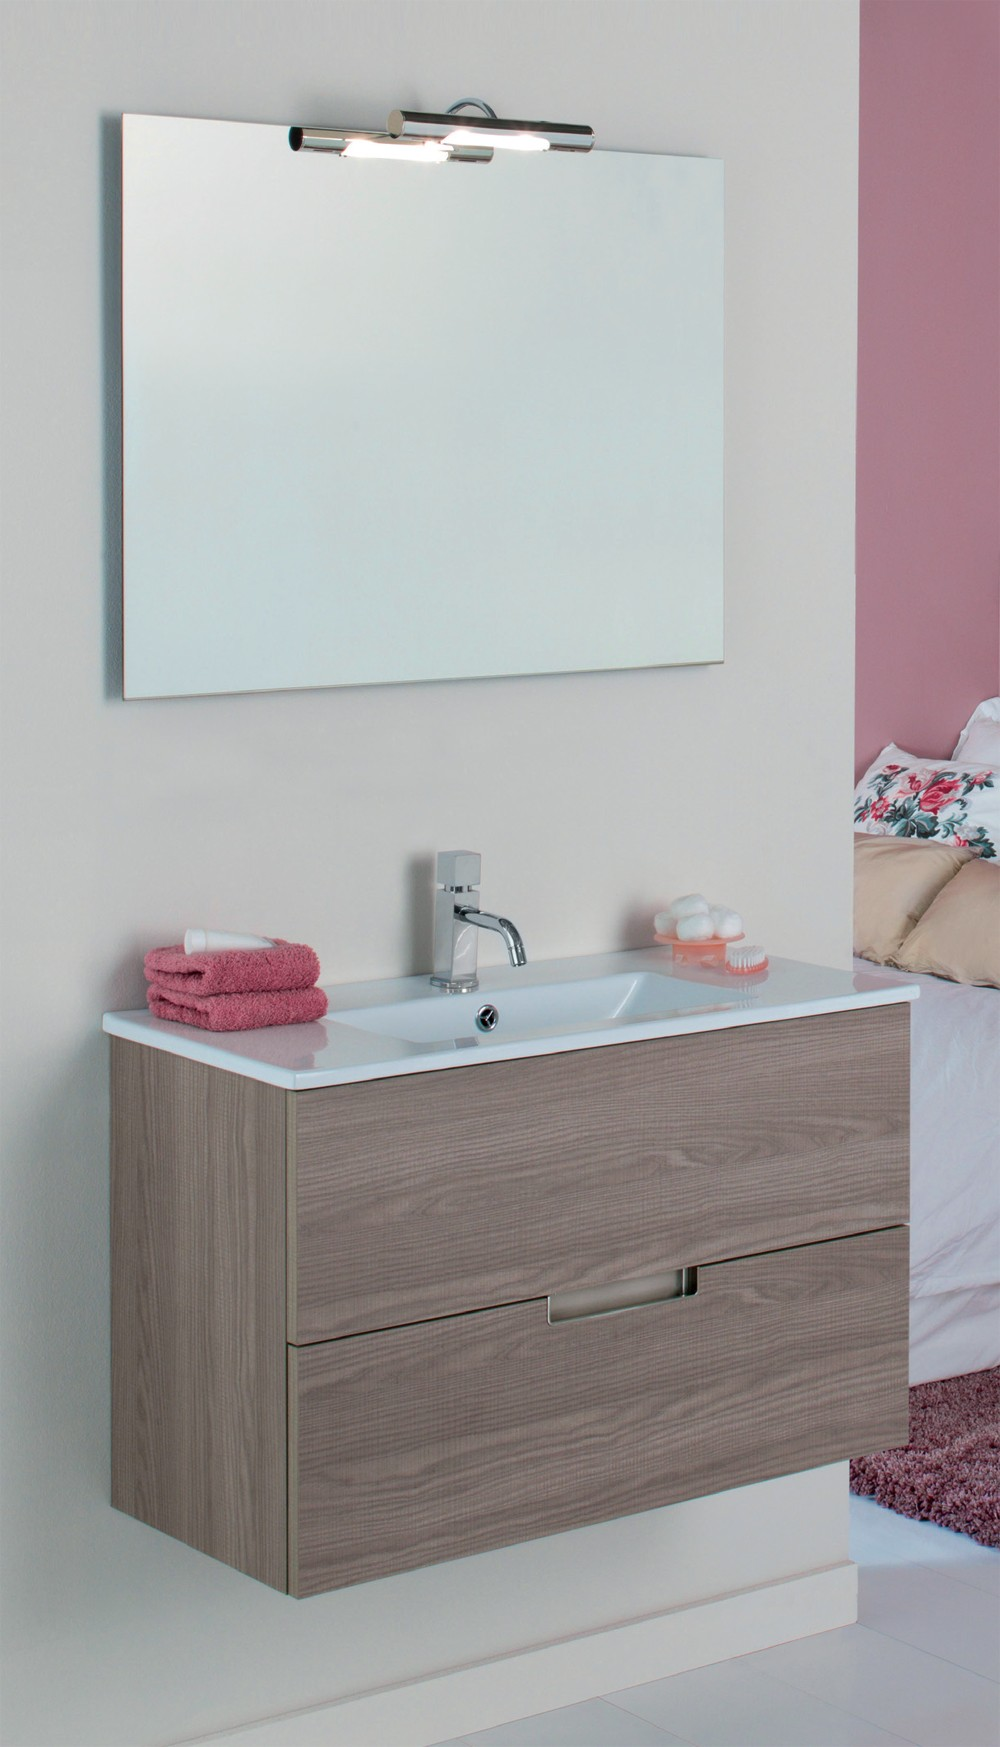 Mueble de ba o vora mader for Conjunto sanitarios bano